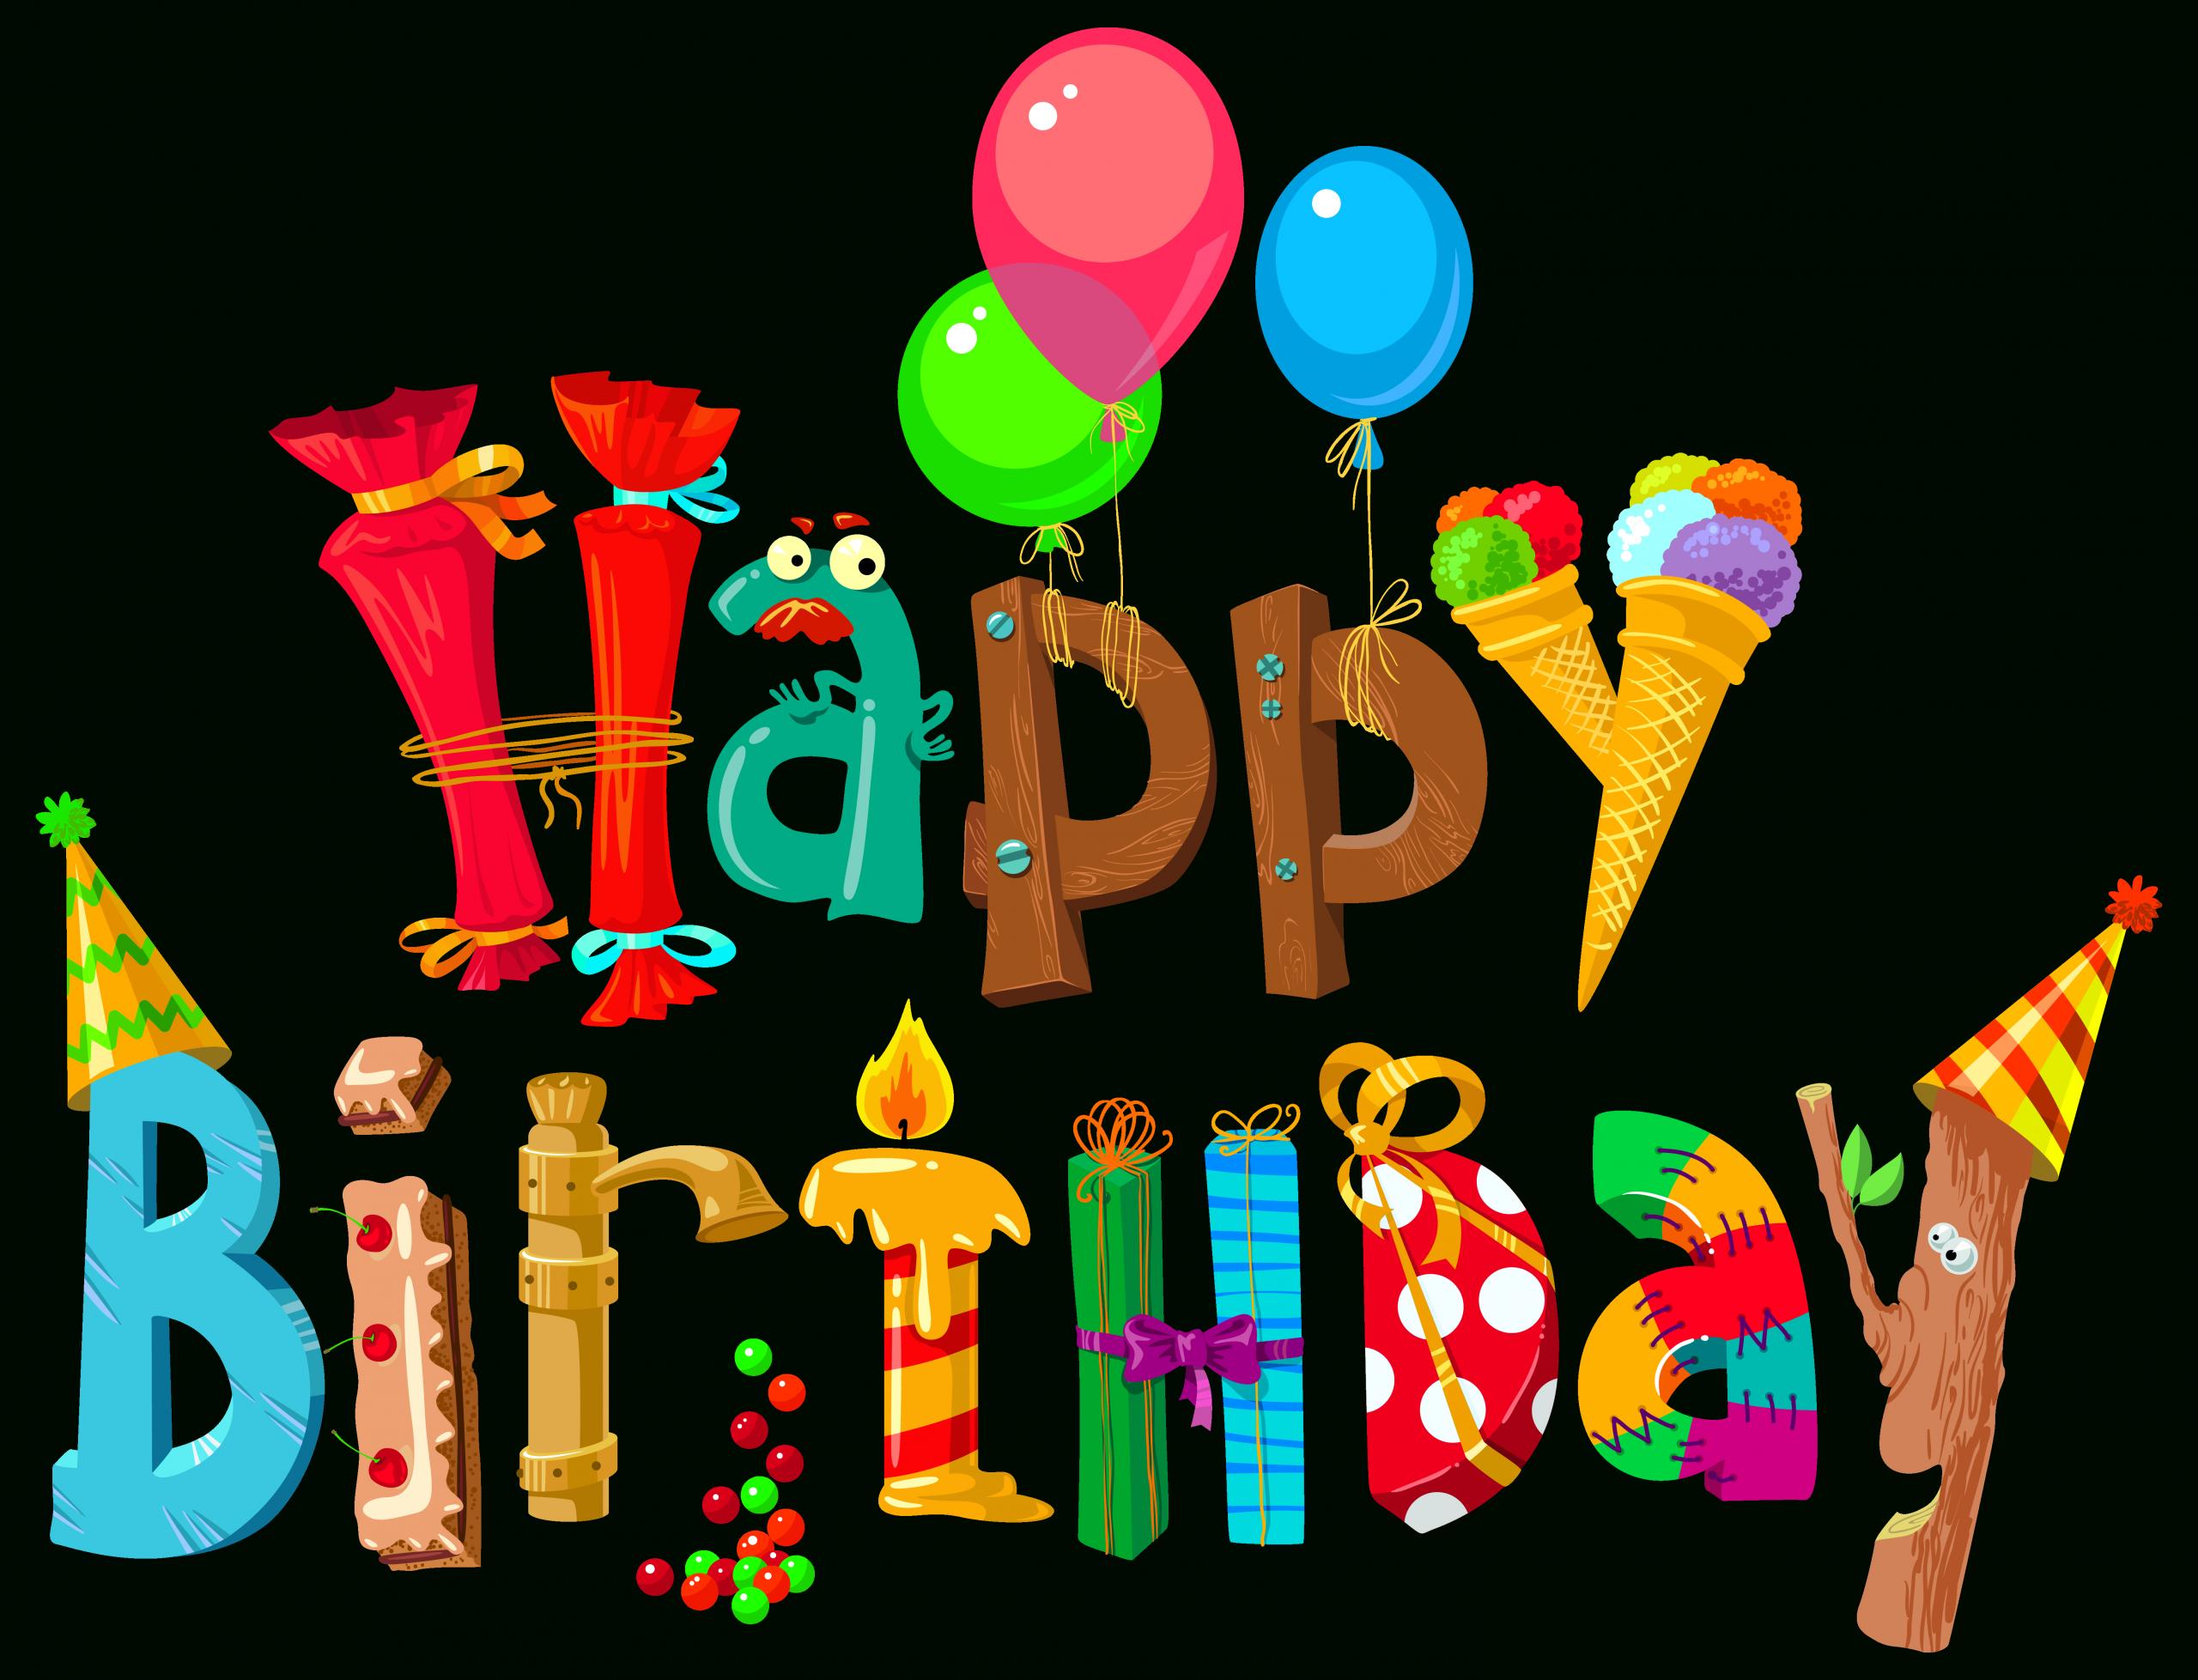 Library Of Gratis Graphic Free Downloads Geburtstag Png ganzes Cliparts Geburtstag Kostenlos